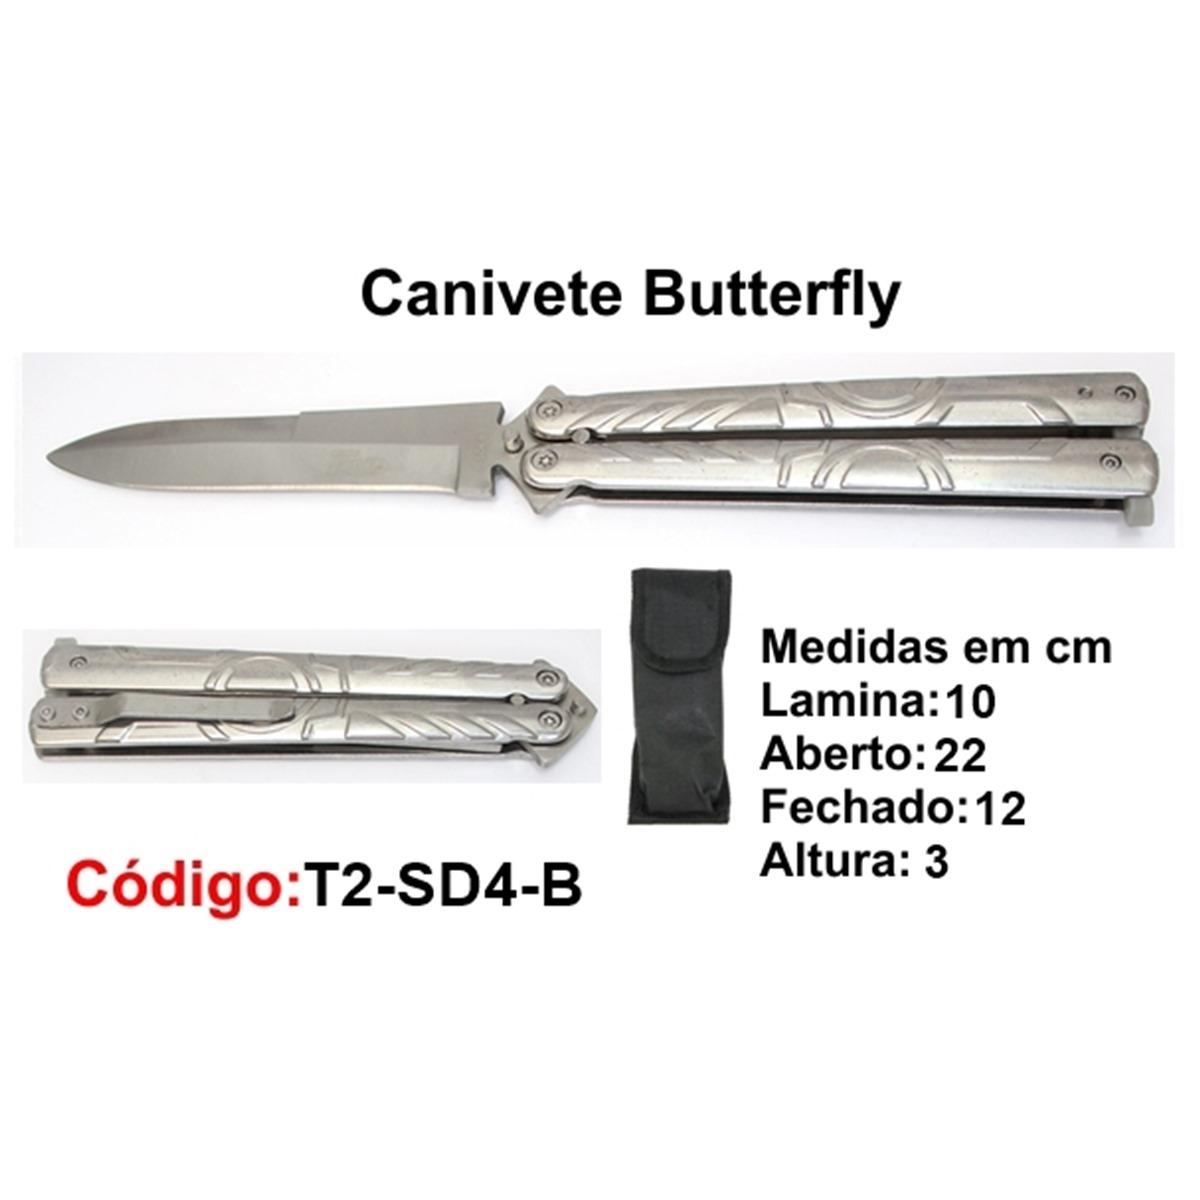 Canivete Esportivo Butterfly Borboleta T2-SD4-B